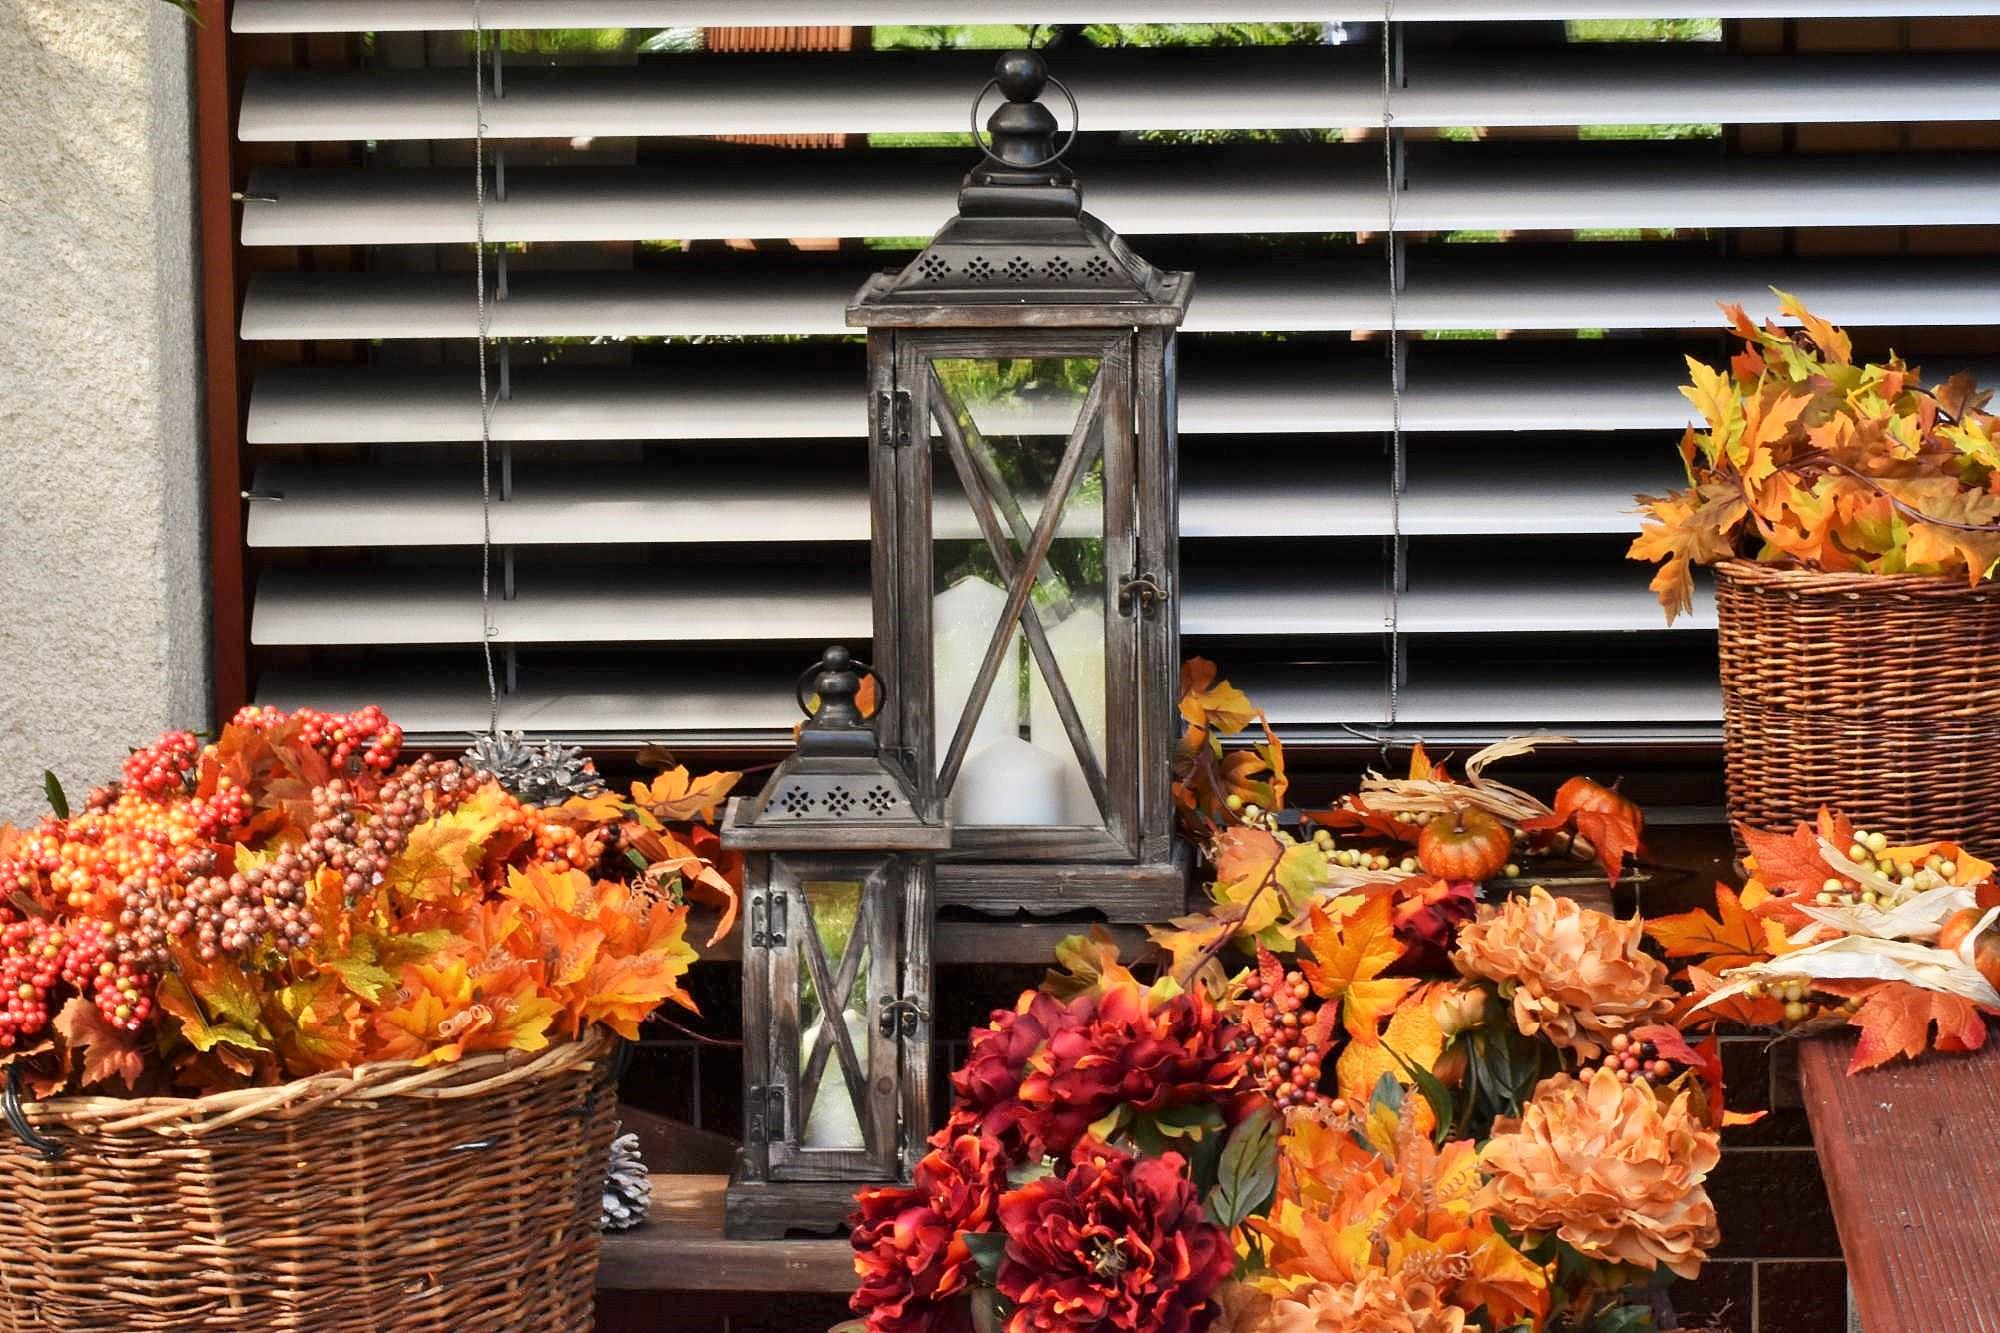 Vylaďte si v duchu přicházejícího podzimu své domovy